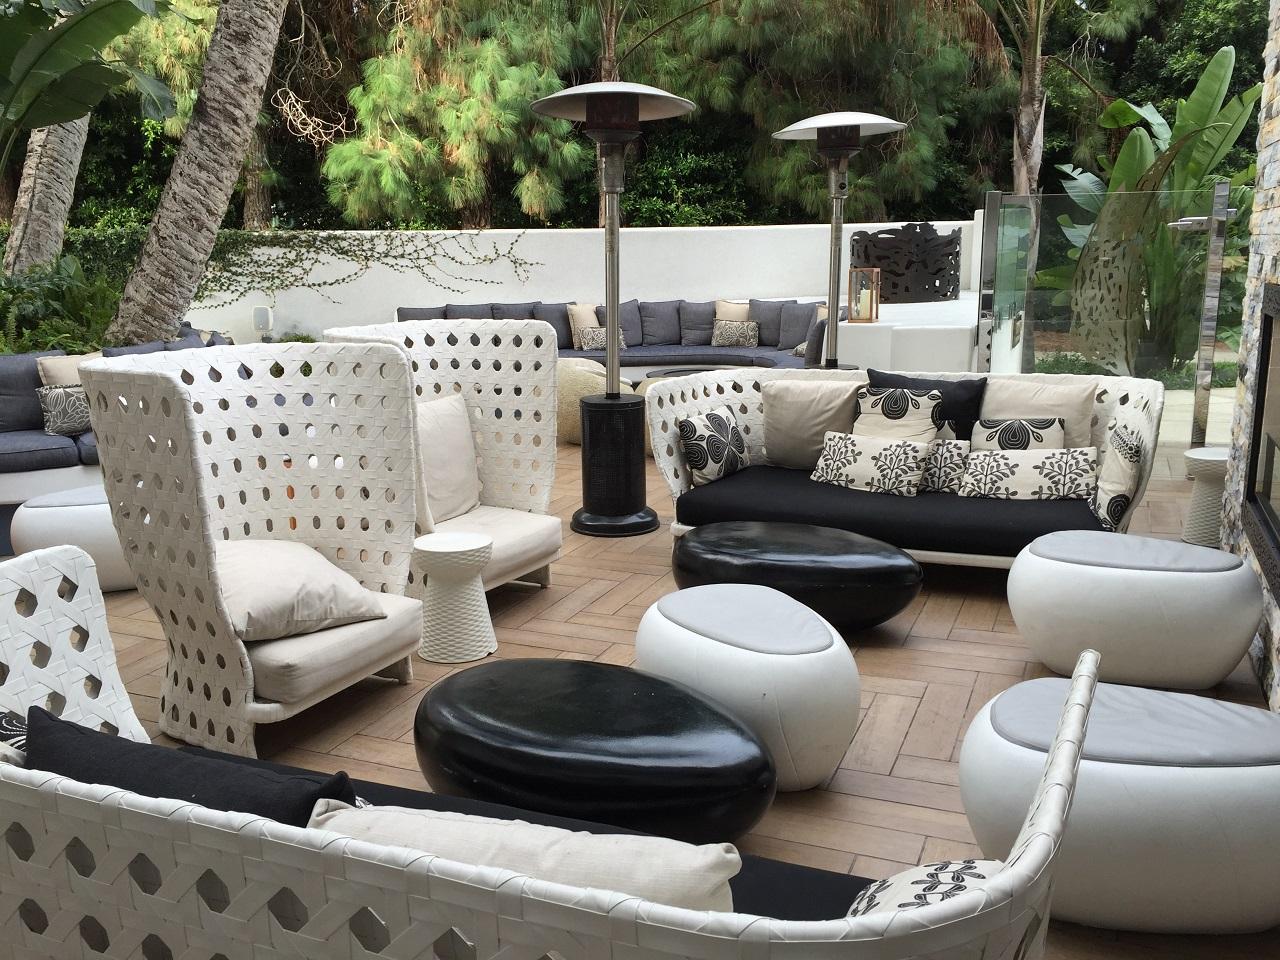 Hotel La Jolla A Kimpton Property In A Posh Beach Town - La jolla patio furniture